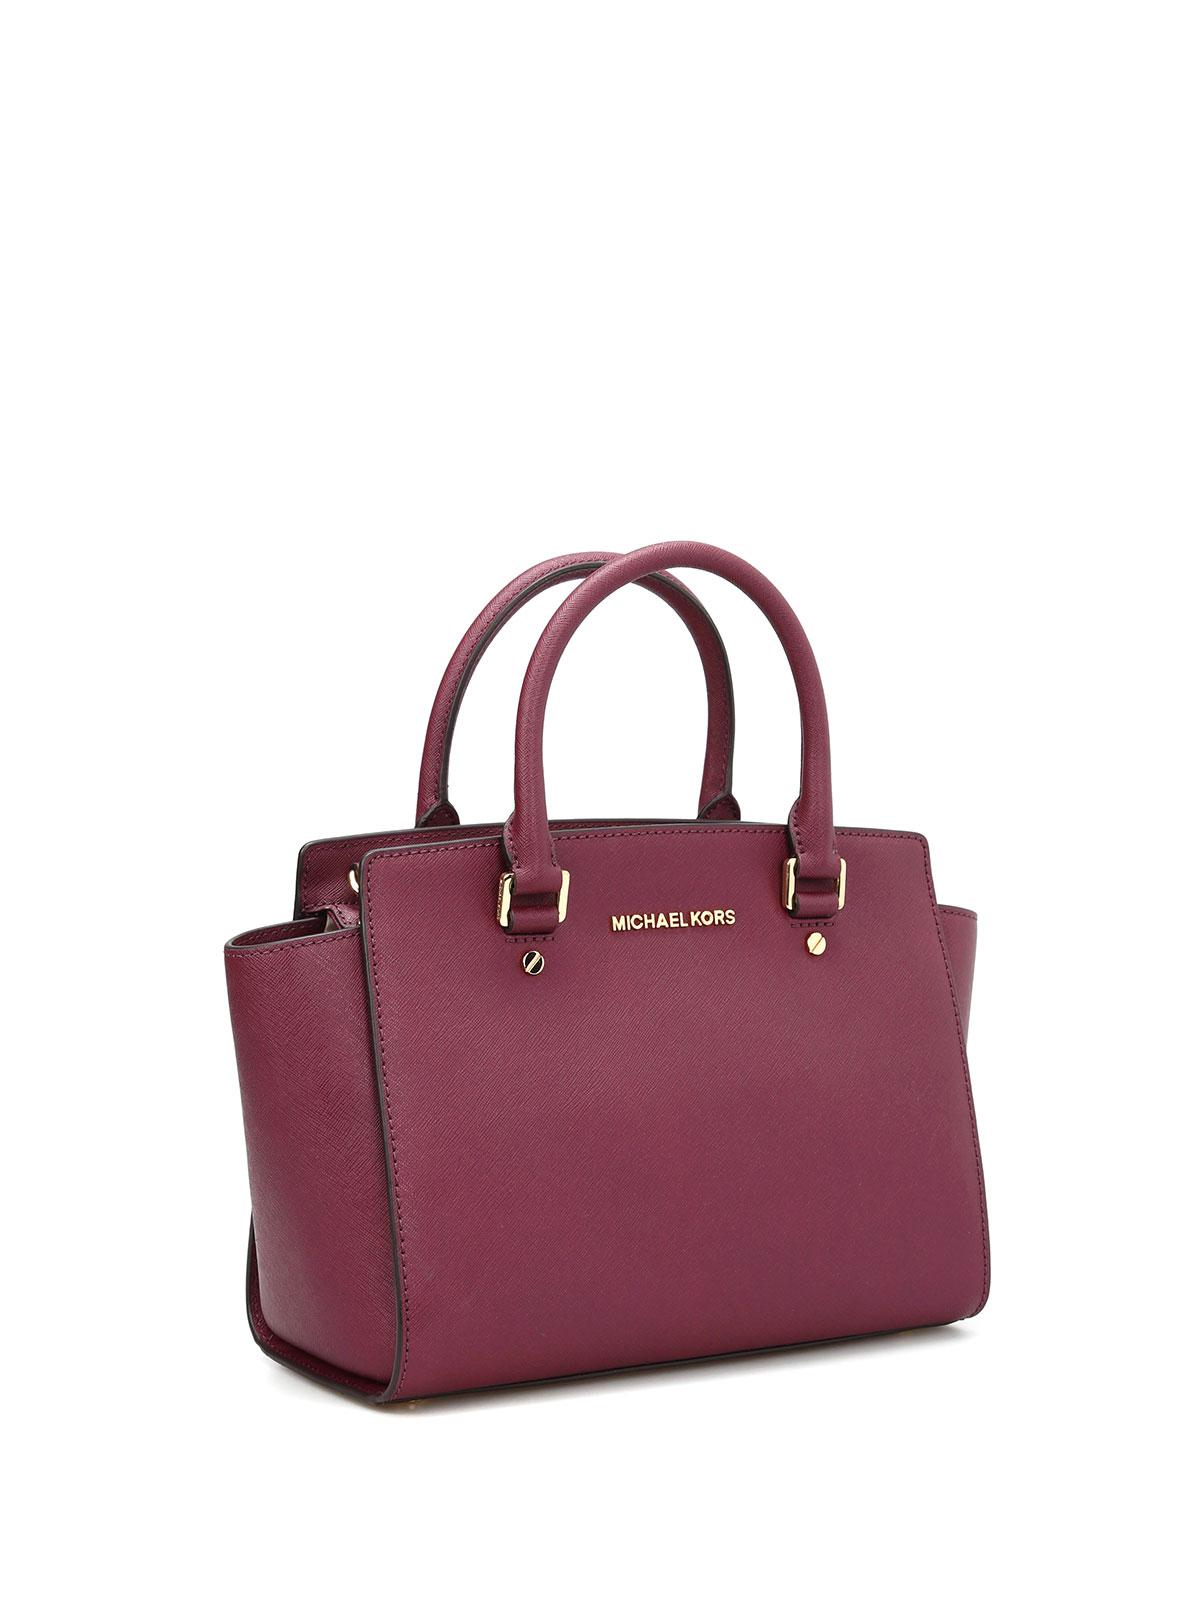 b251d3618359 MICHAEL KORS  totes bags online - Selma Medium saffiano top zip tote